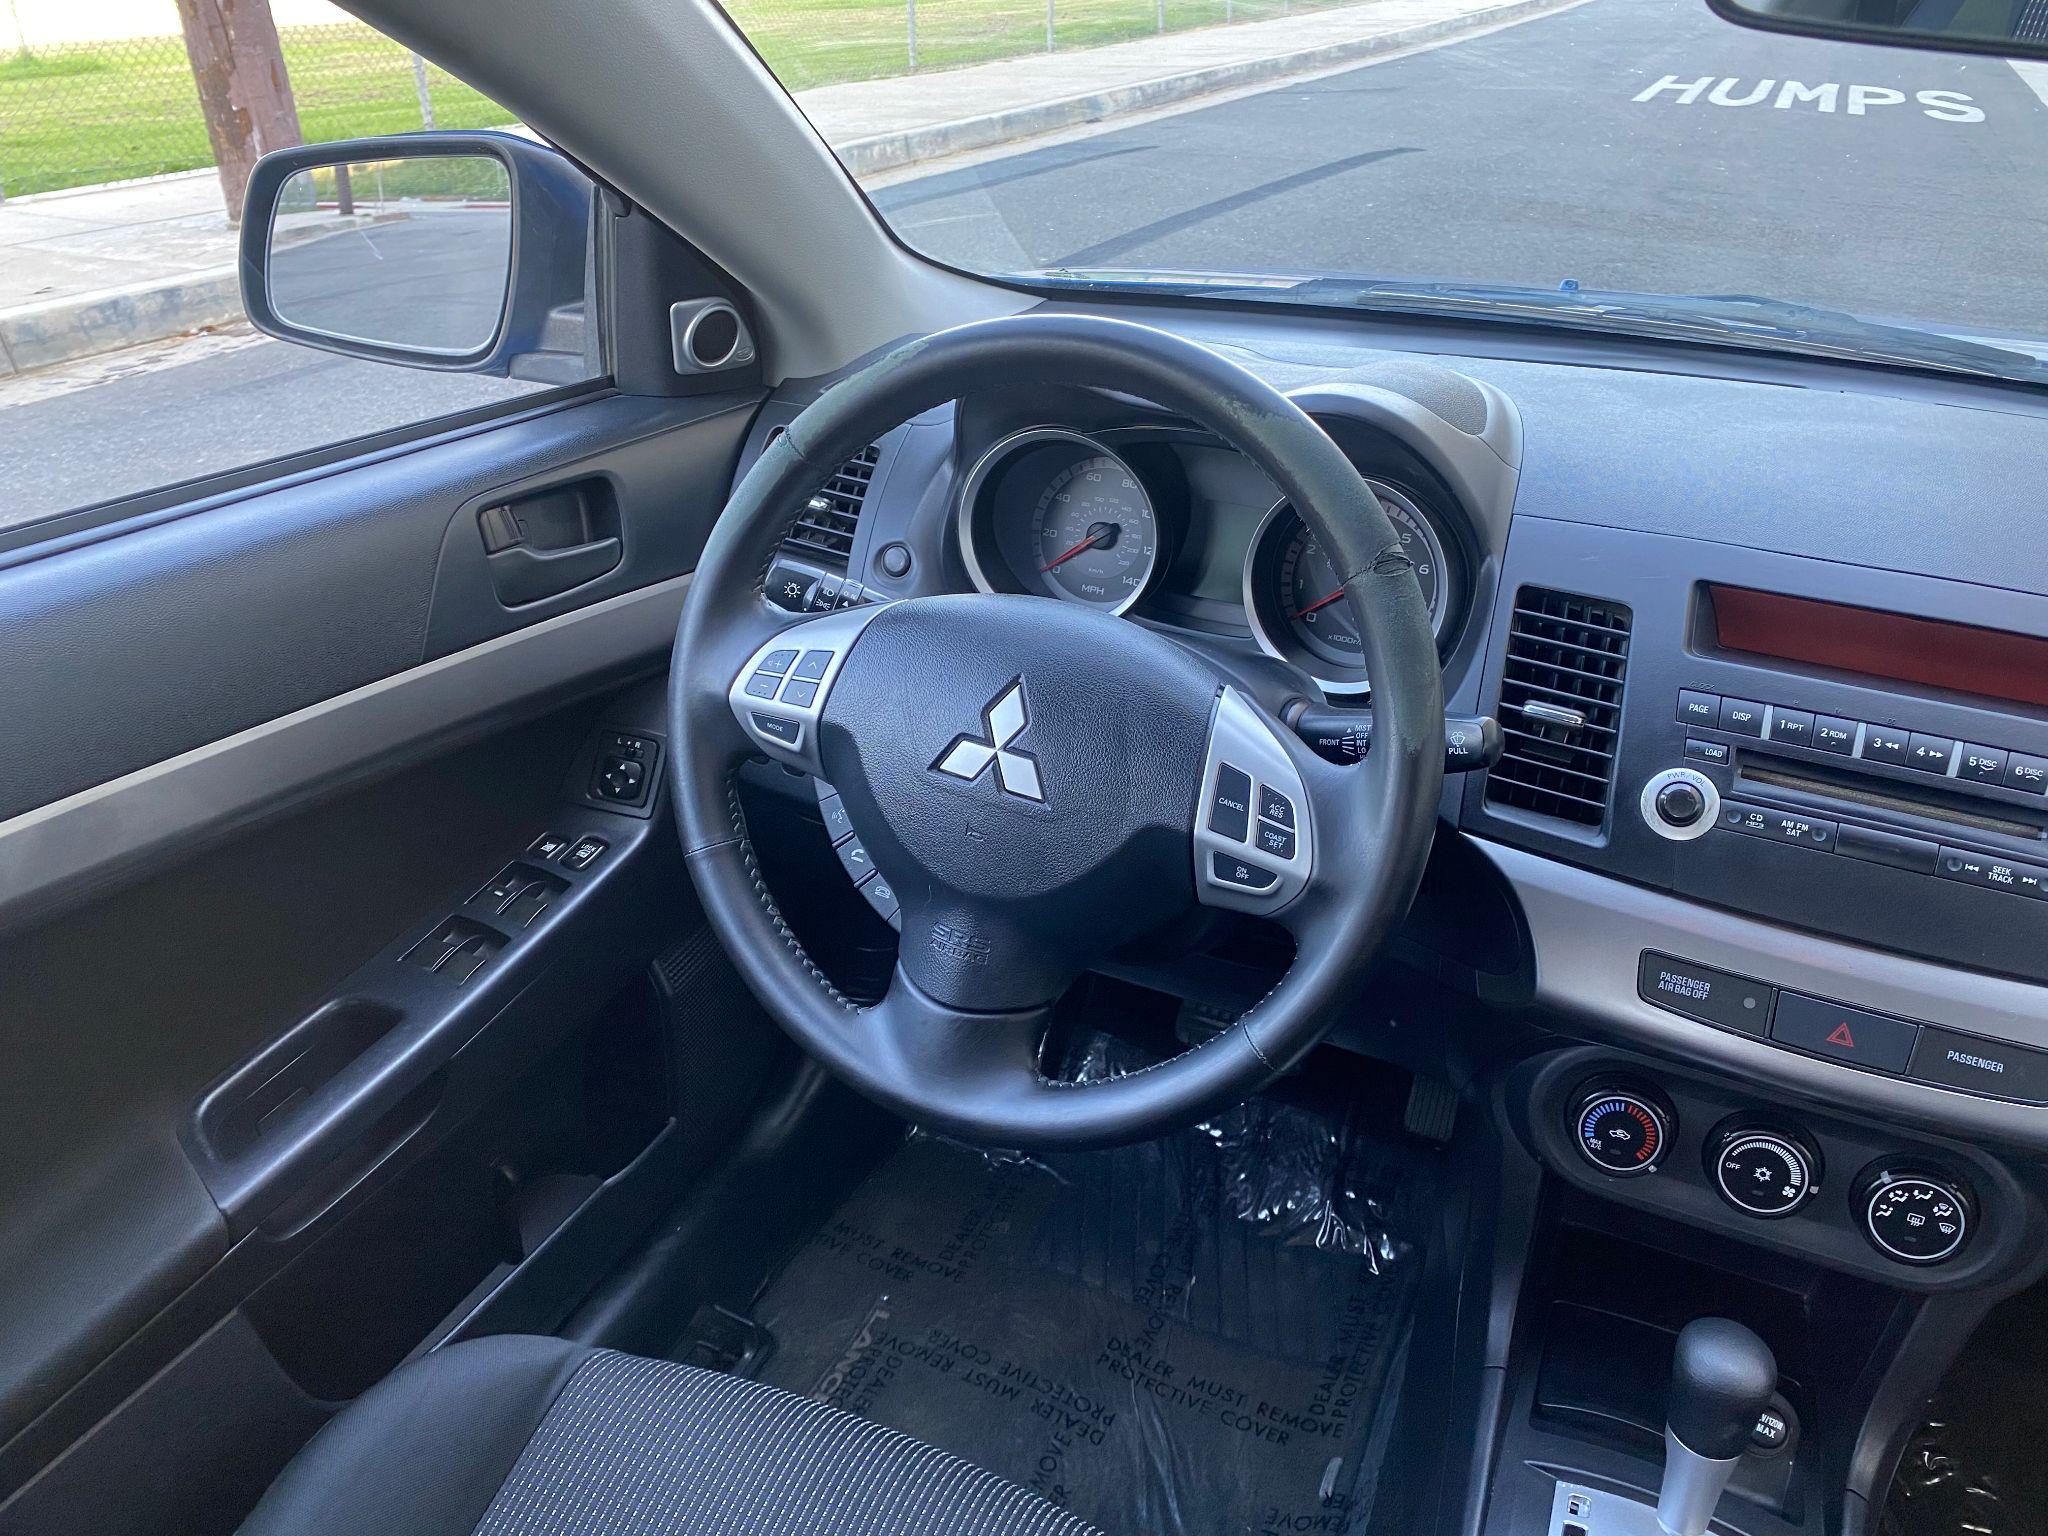 2009 Mitsubishi Lancer ES